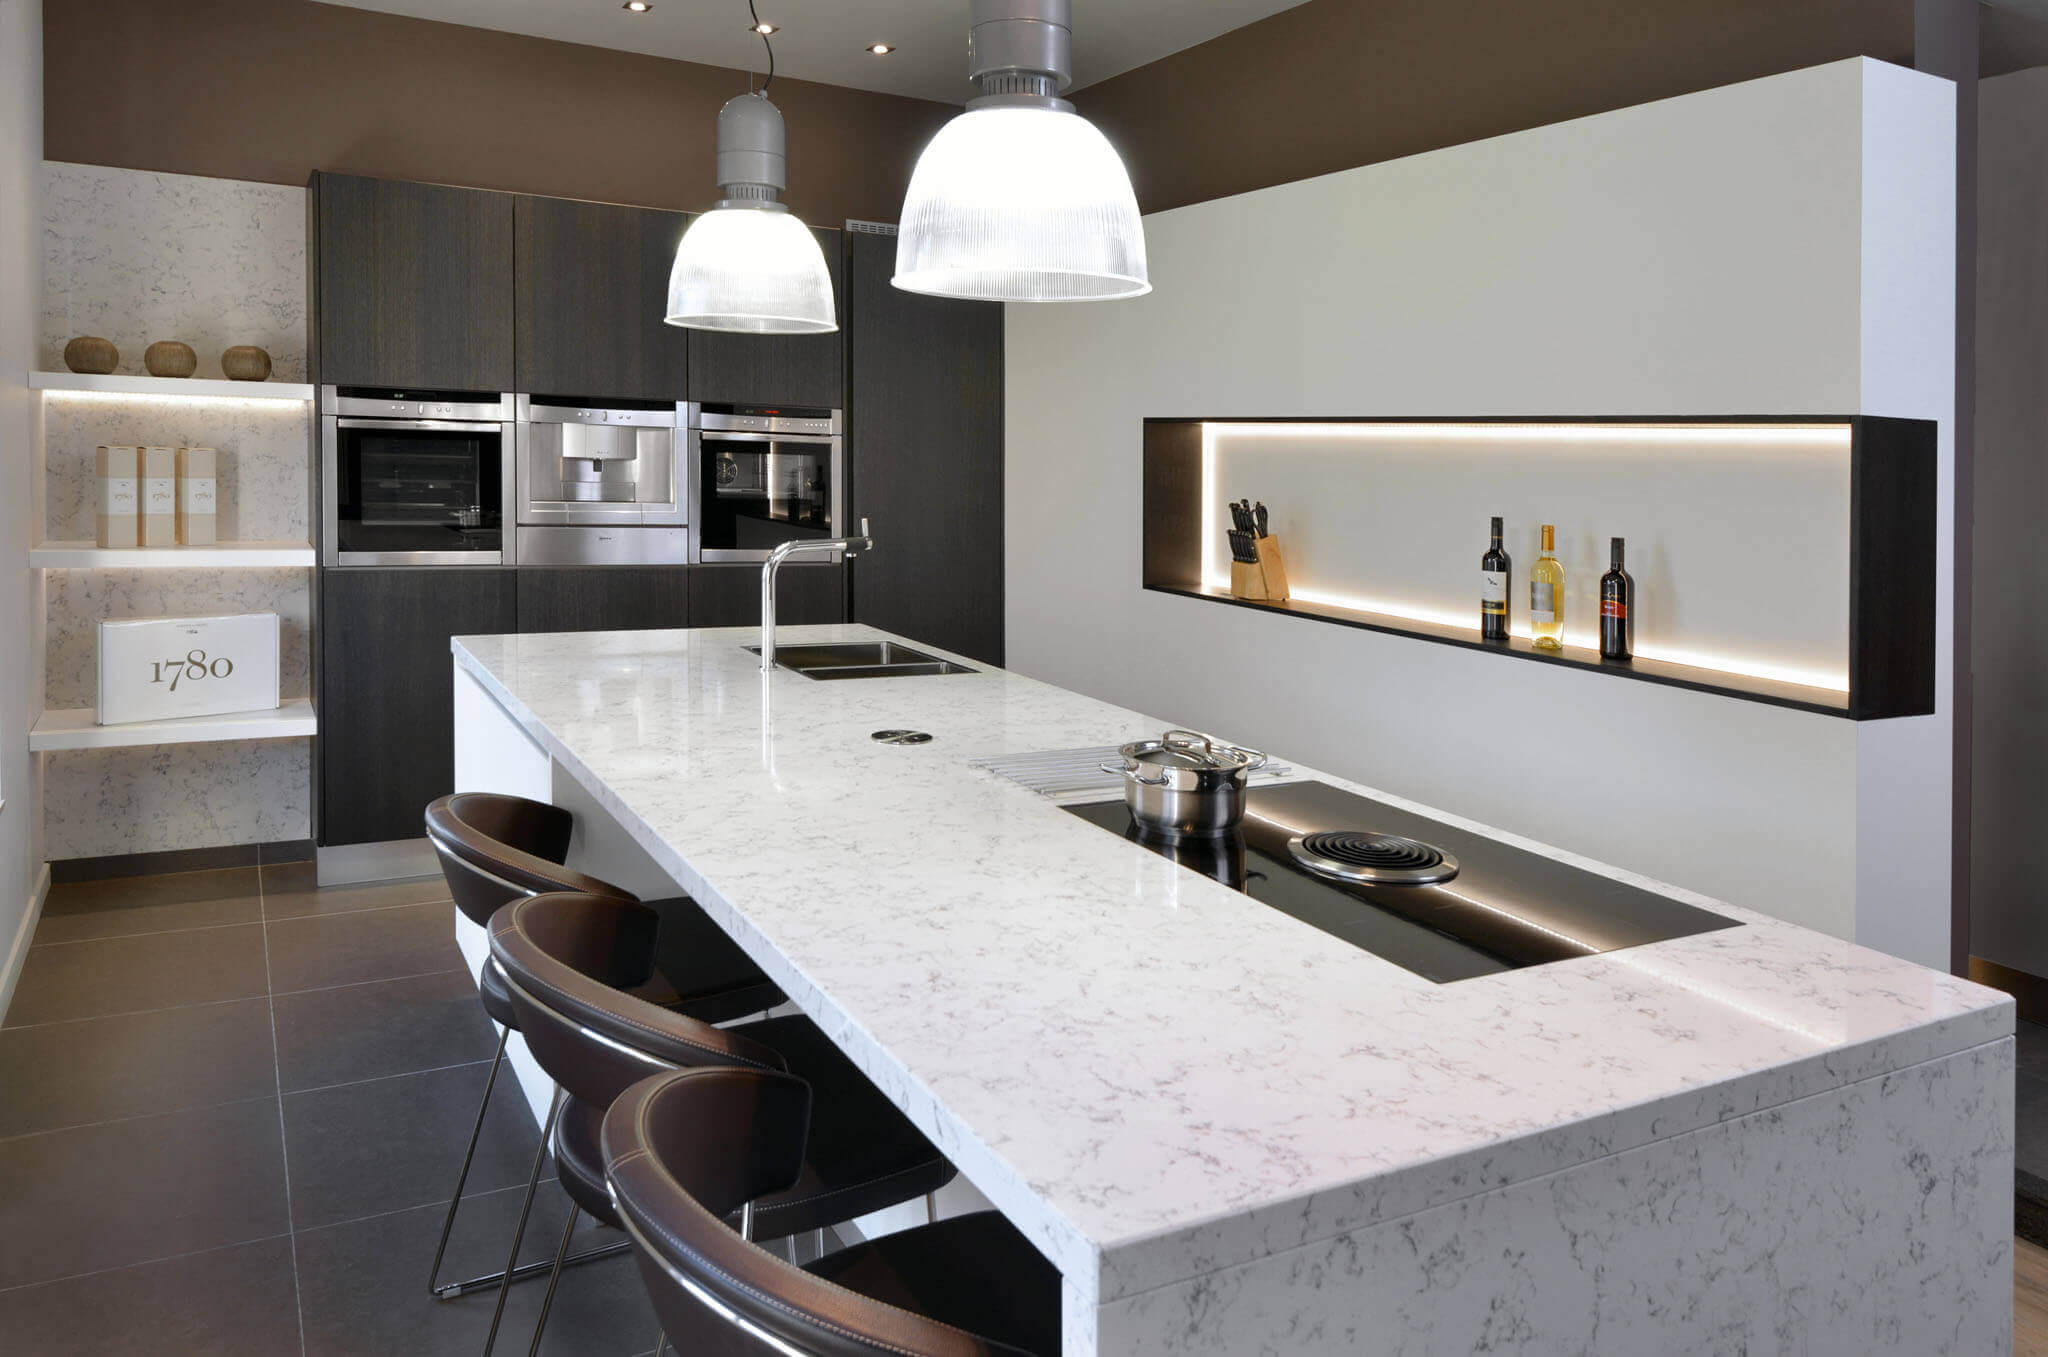 Keuken Kopen Prijs : Moderne of eigentijdse keuken